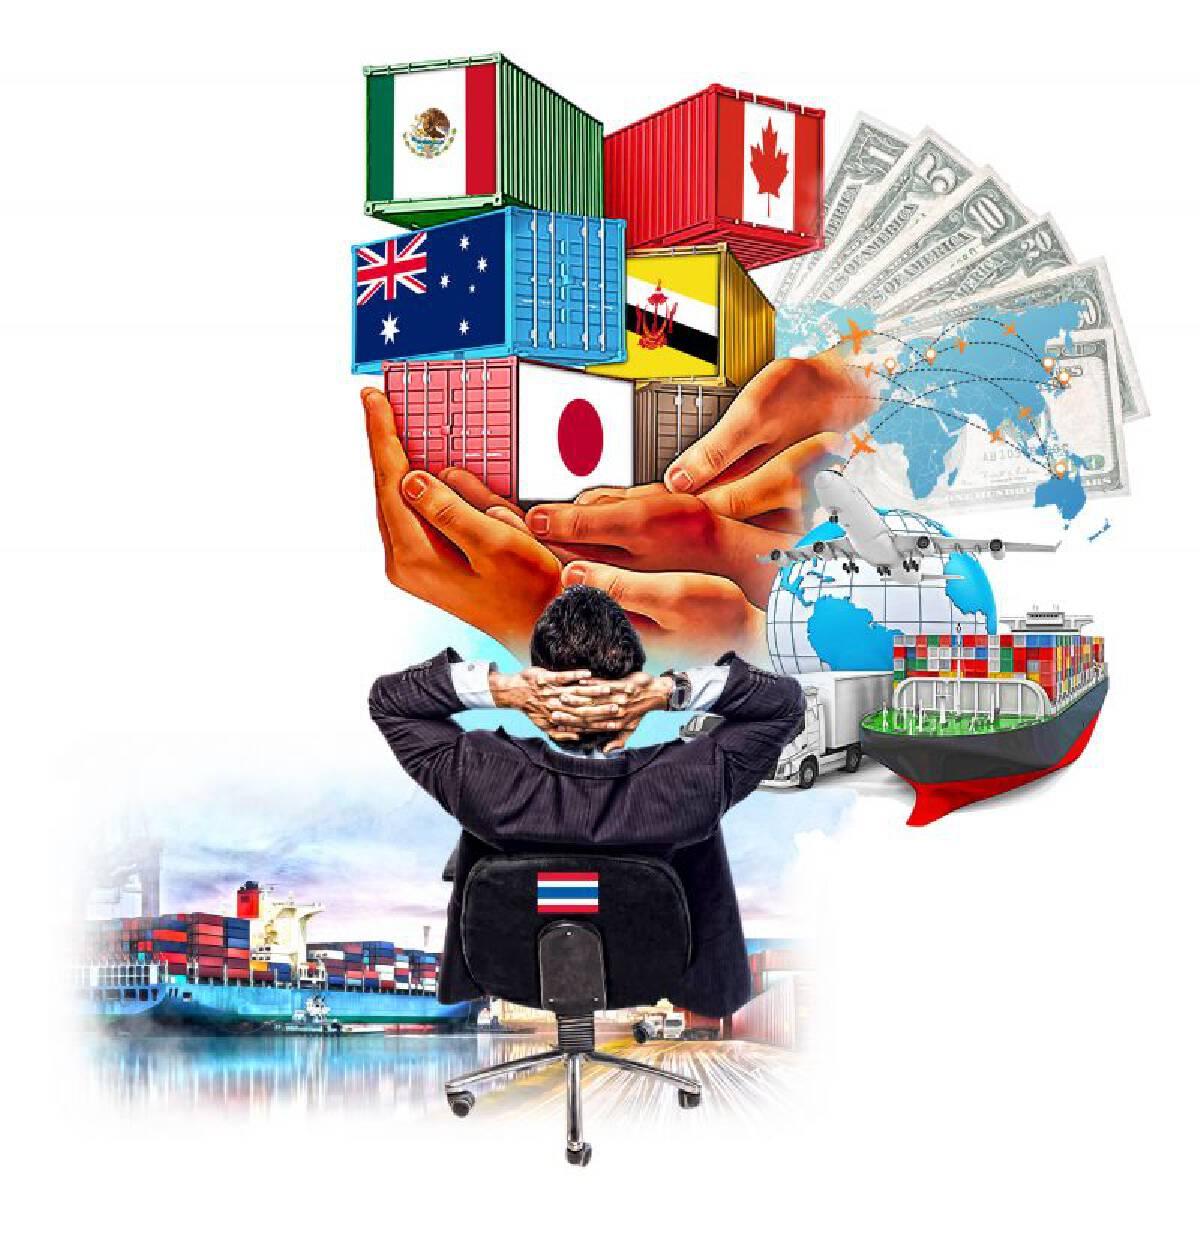 ผลศึกษา CPTPP  ไทยยังไม่พร้อมเข้าร่วม (4) ผลกระทบเศรษฐกิจ